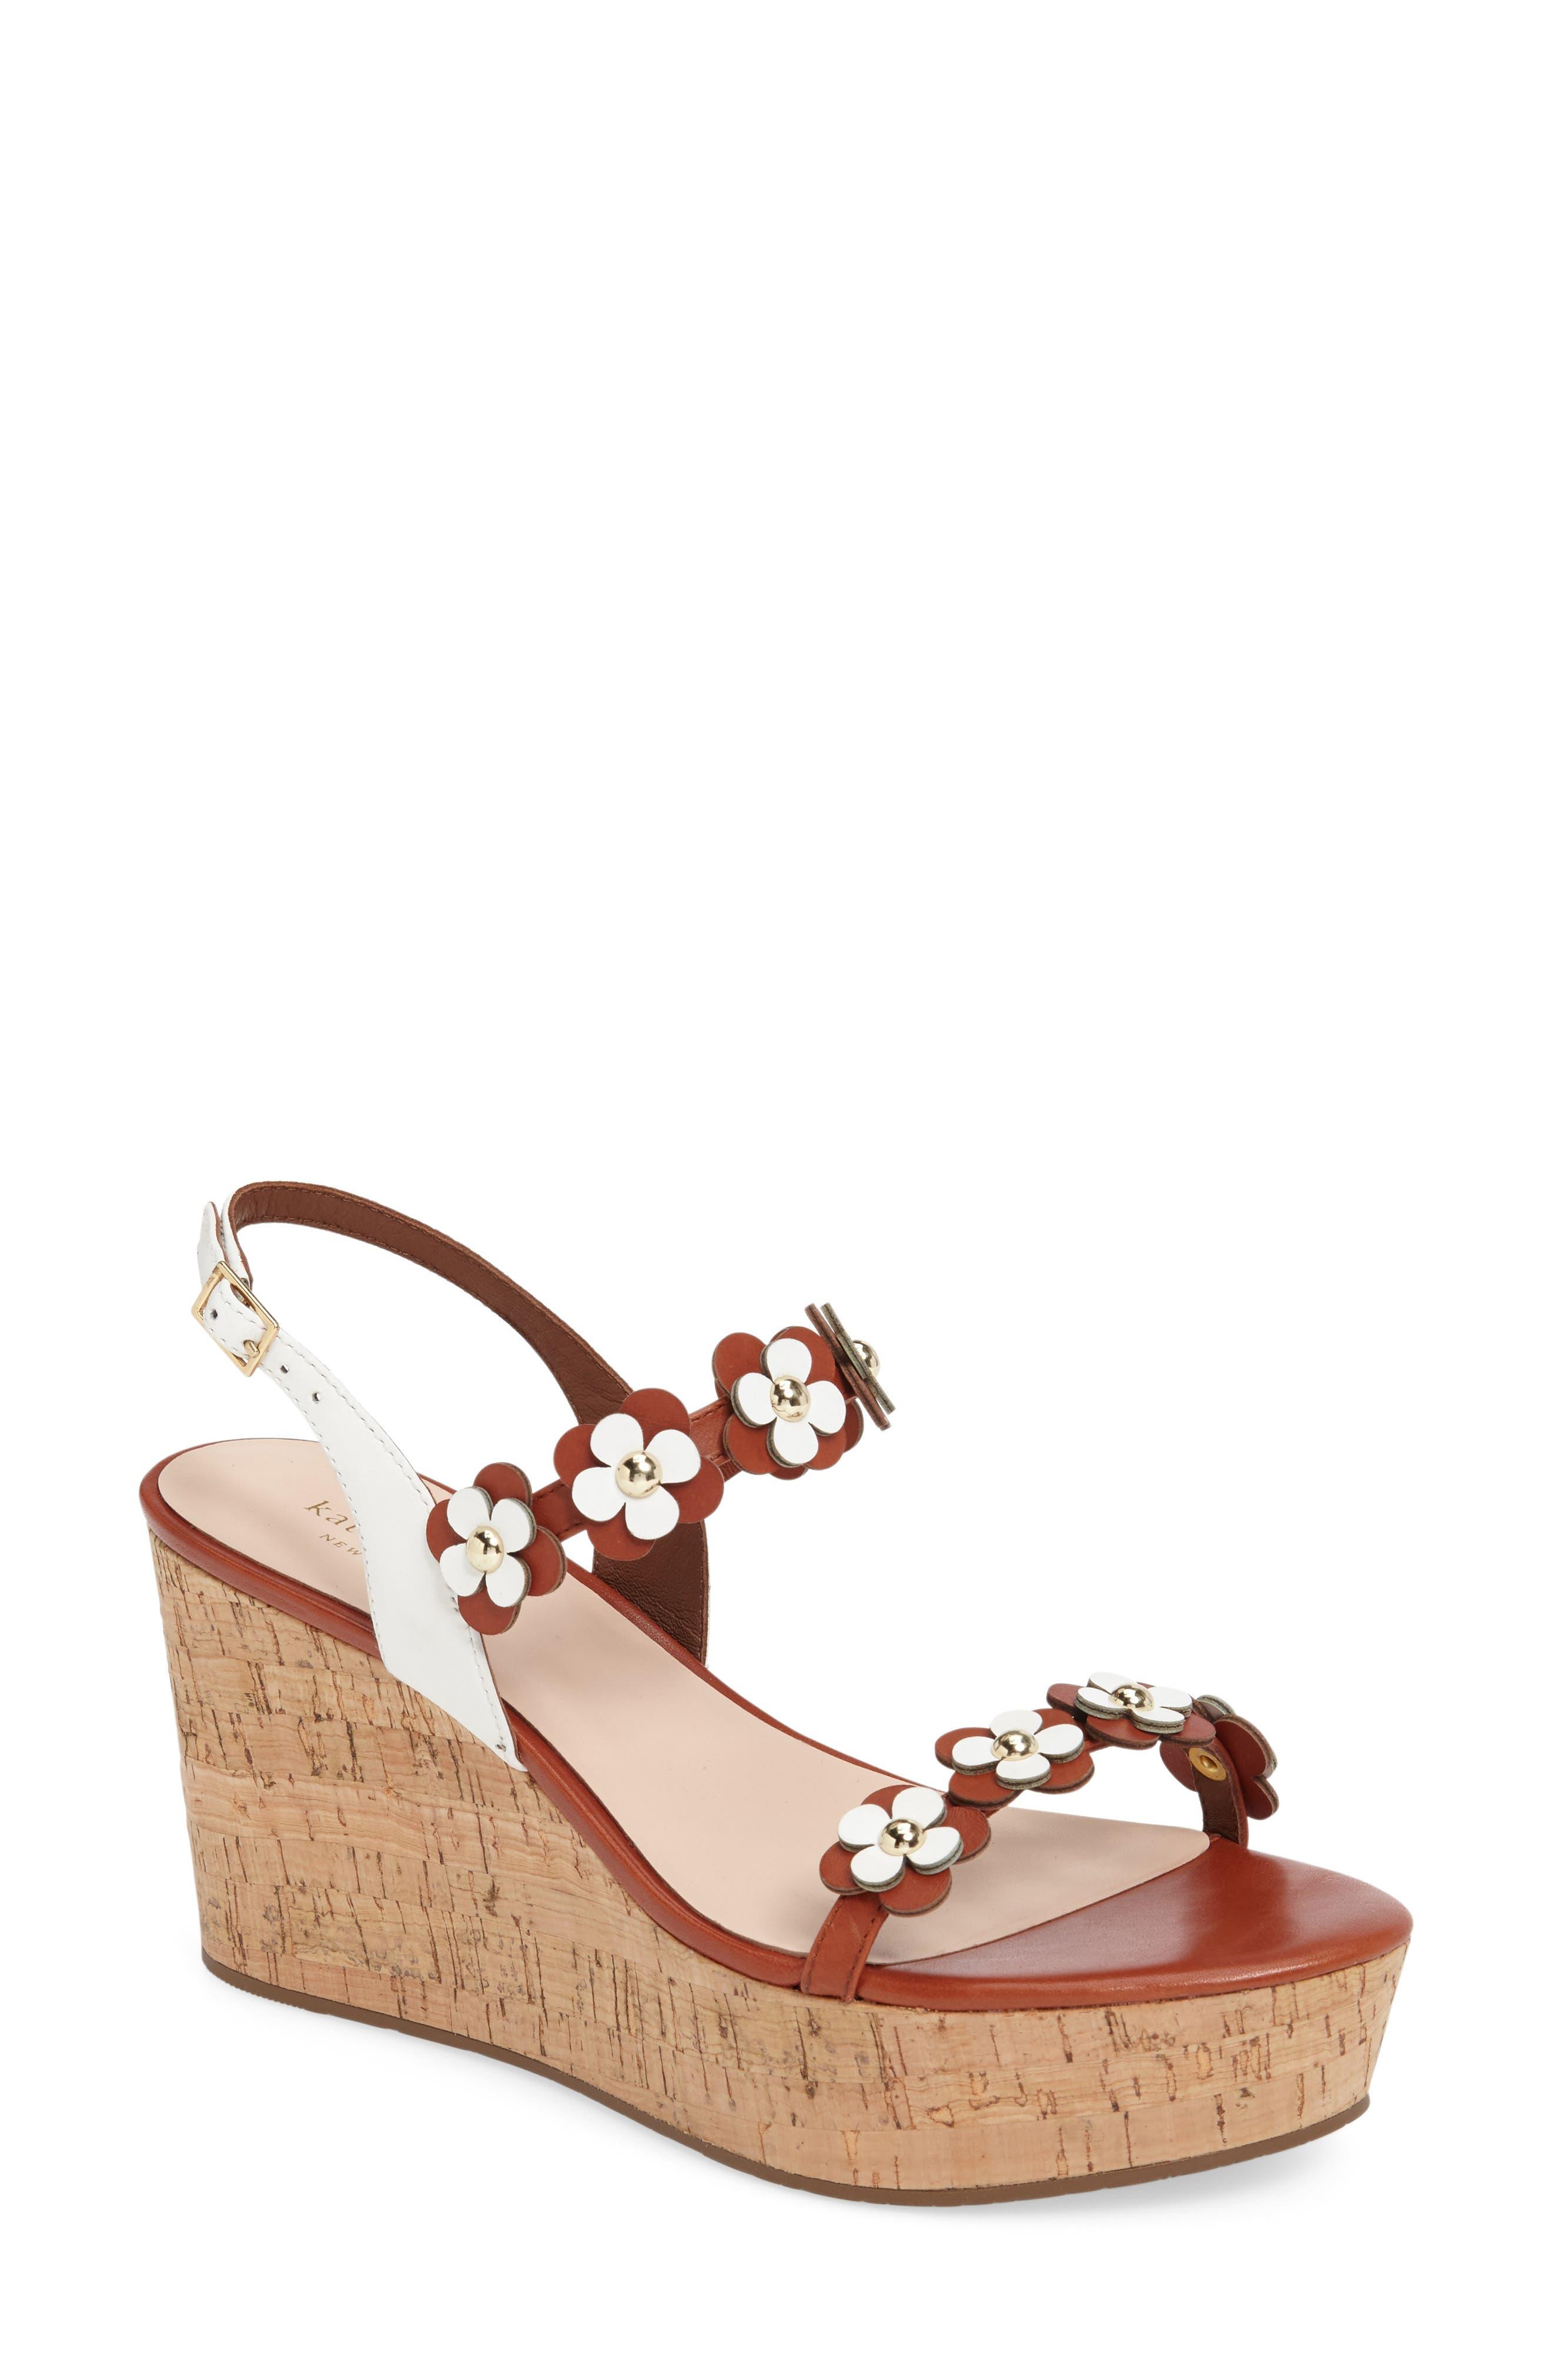 KATE SPADE NEW YORK tisdale platform wedge sandal, Main, color, 200